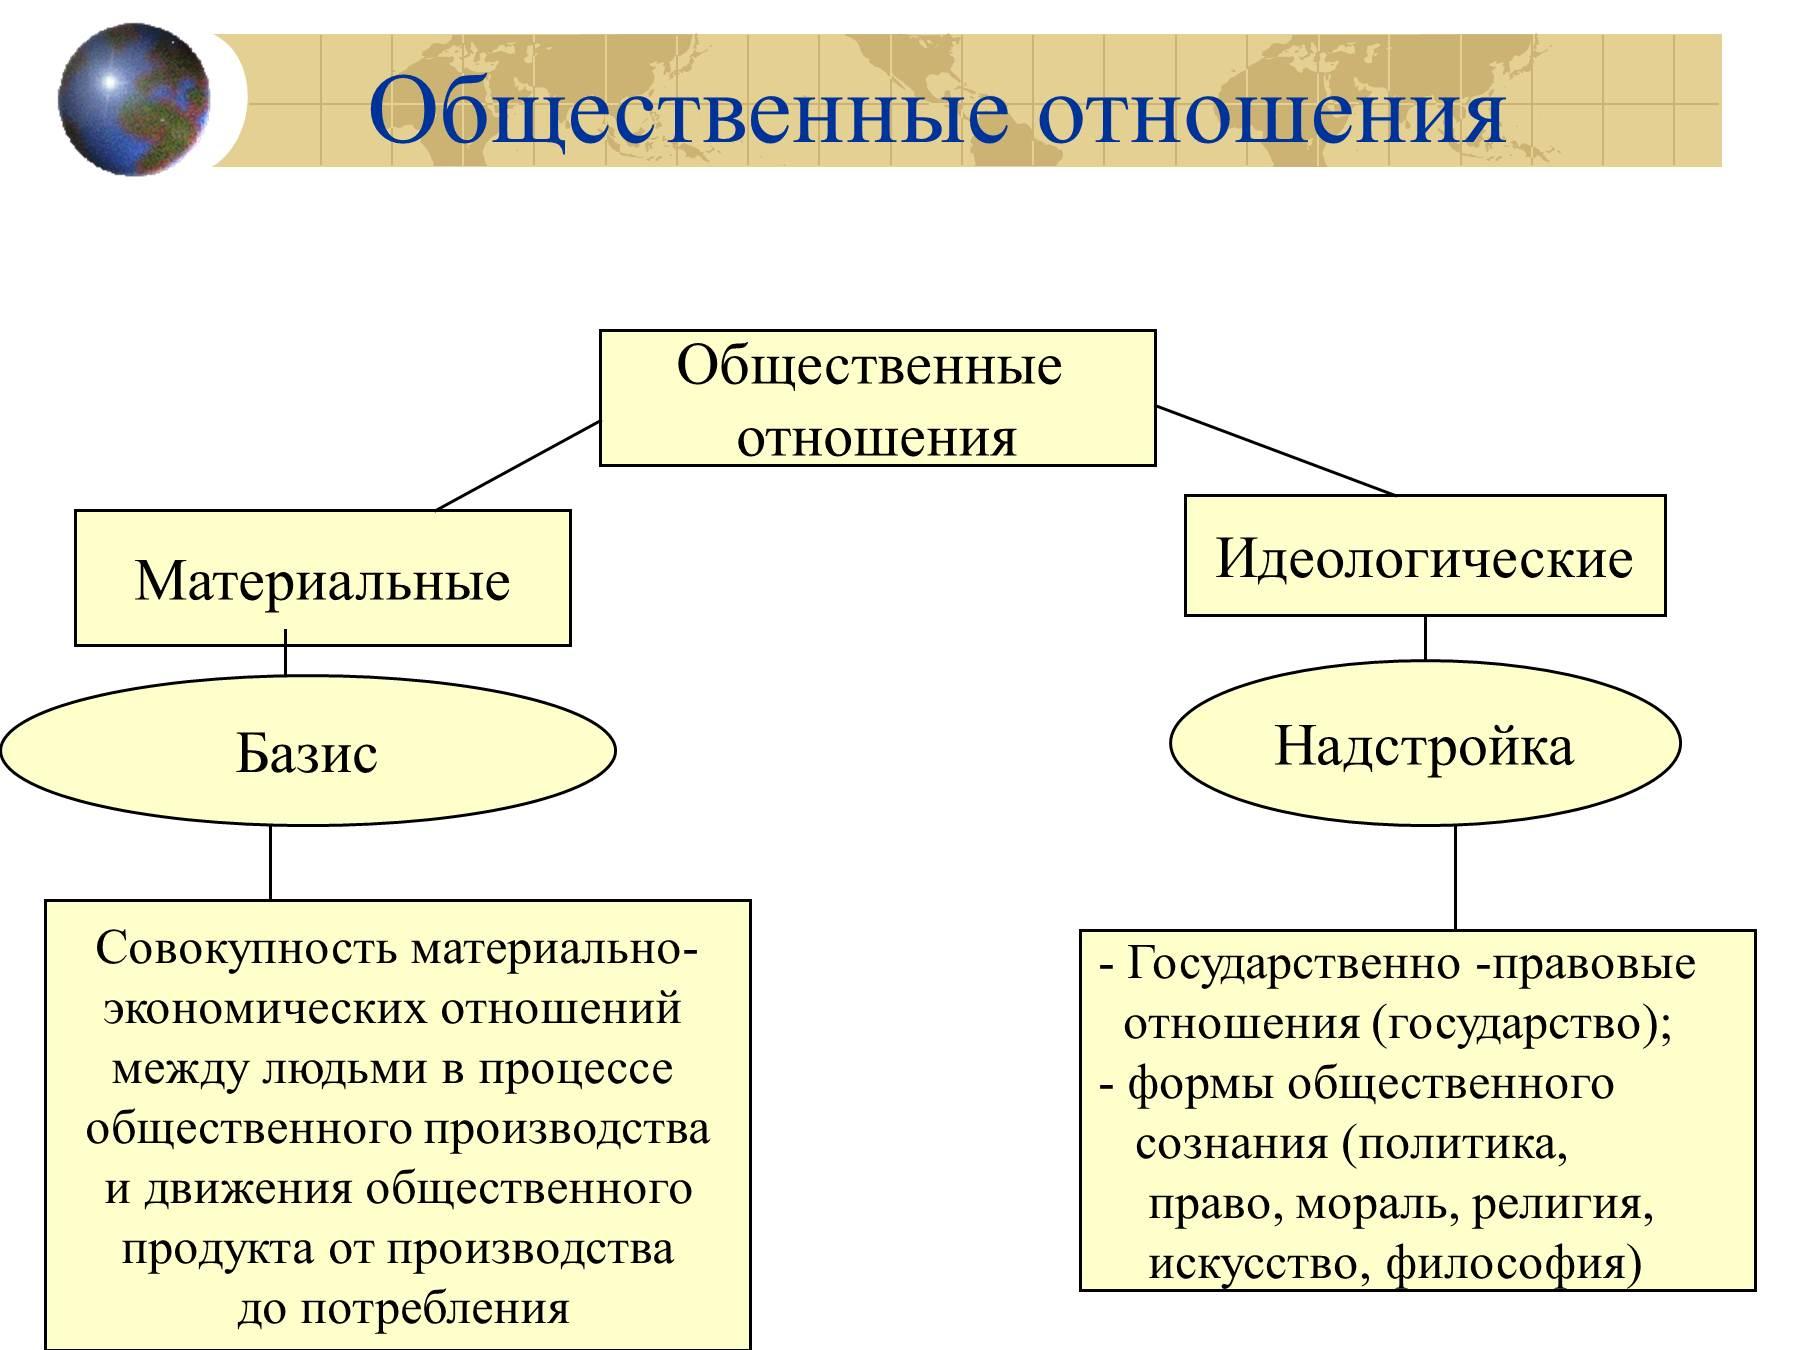 Правовой статус личности в современных условиях тгп